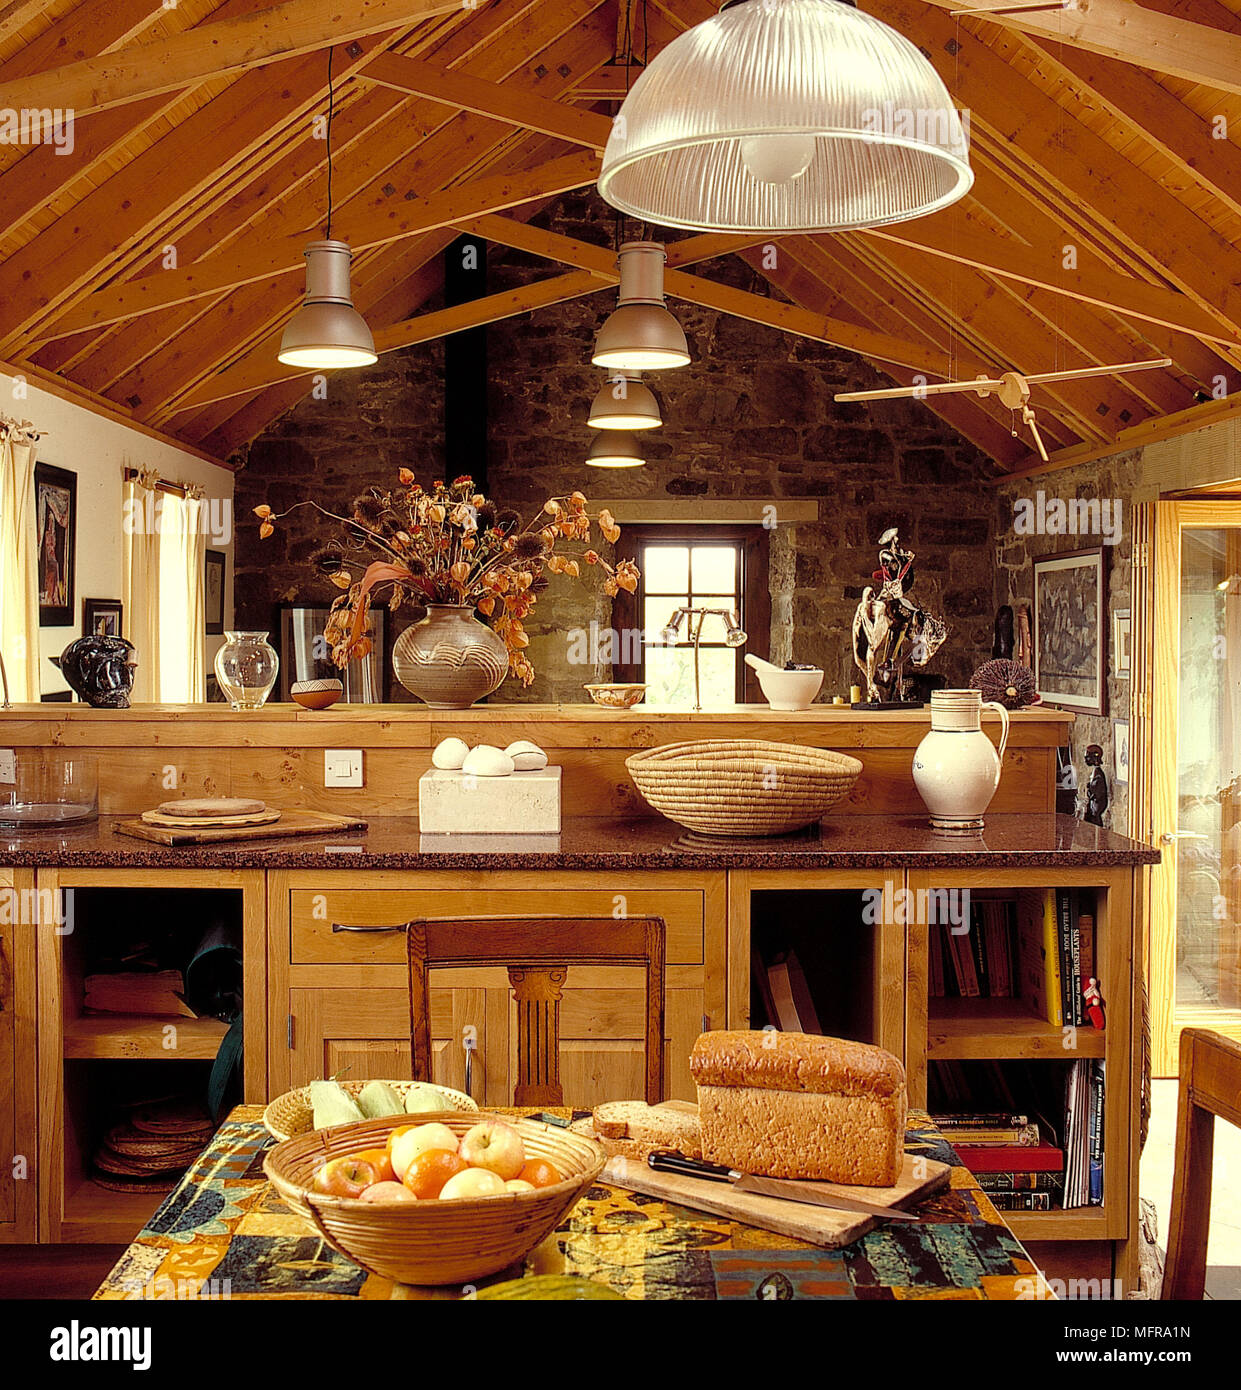 Groß Französisch Land Küchen Mit Kleinen Budget Fotos ...